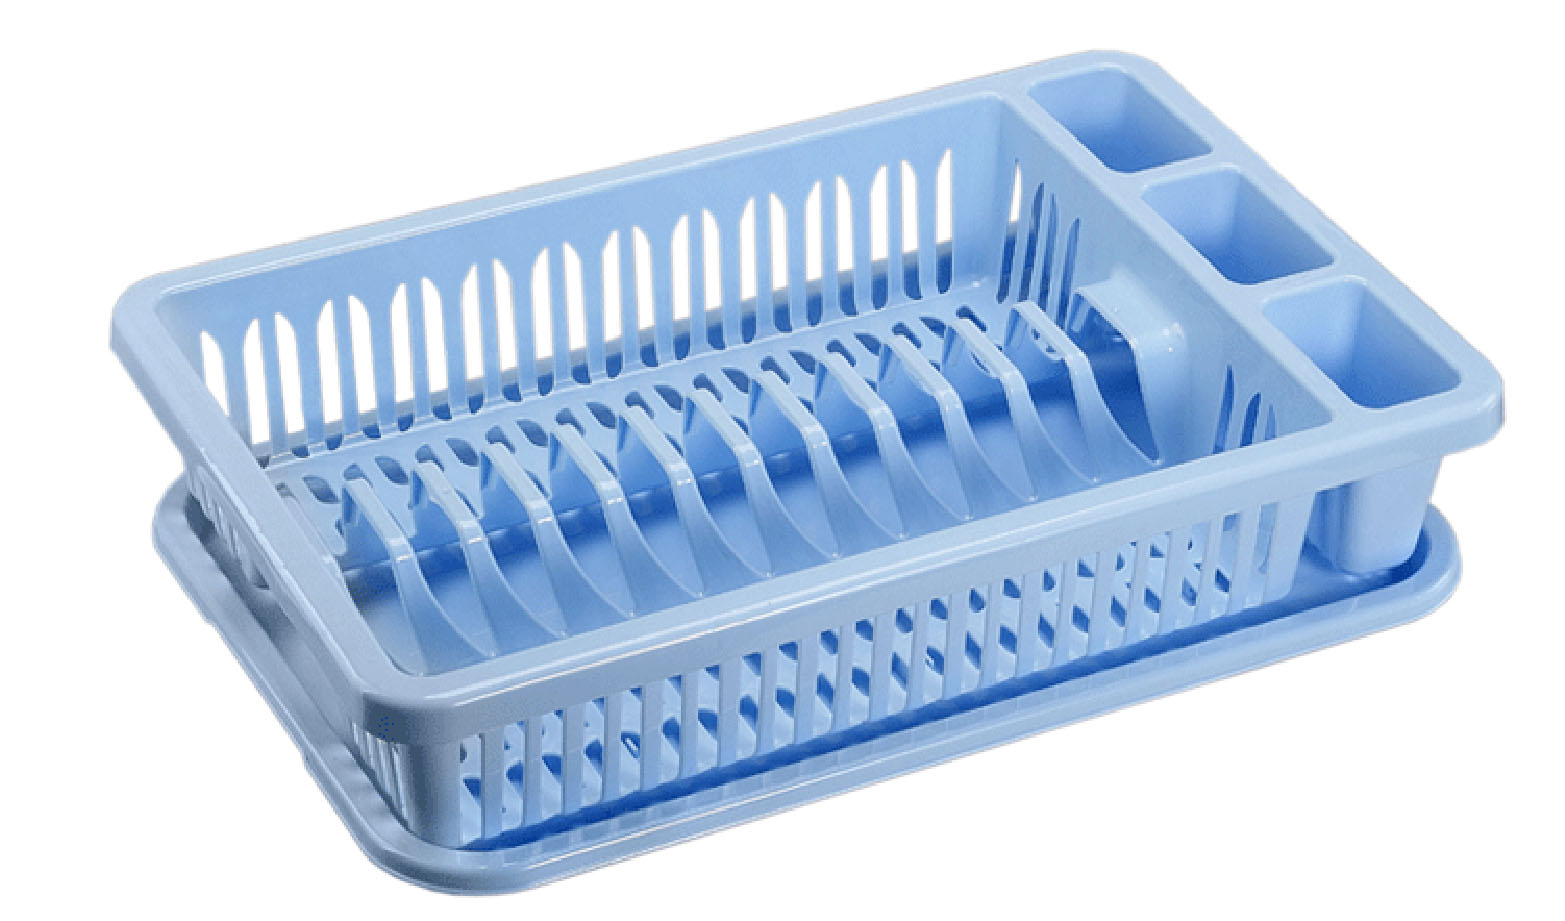 Сушилка для посуды Idea, с поддоном, цвет: голубой, 43 х 28 х 9 смМ 1174Сушилка Idea, выполненная из прочного пластика, представляет собой решетку с ячейками, в которые помещается посуда: тарелки, кружки, ложки, ножи. Изделие оснащено пластиковым поддоном для стекания воды. Сушилку можно установить в любом удобном месте. На ней можно разместить большое количество предметов. Вместительные размеры и оригинальный дизайн выделяют эту сушку из ряда подобных.Размер сушилки: 43 х 28 х 9 см. Размер поддона: 42 х 28 х 1,8 см.